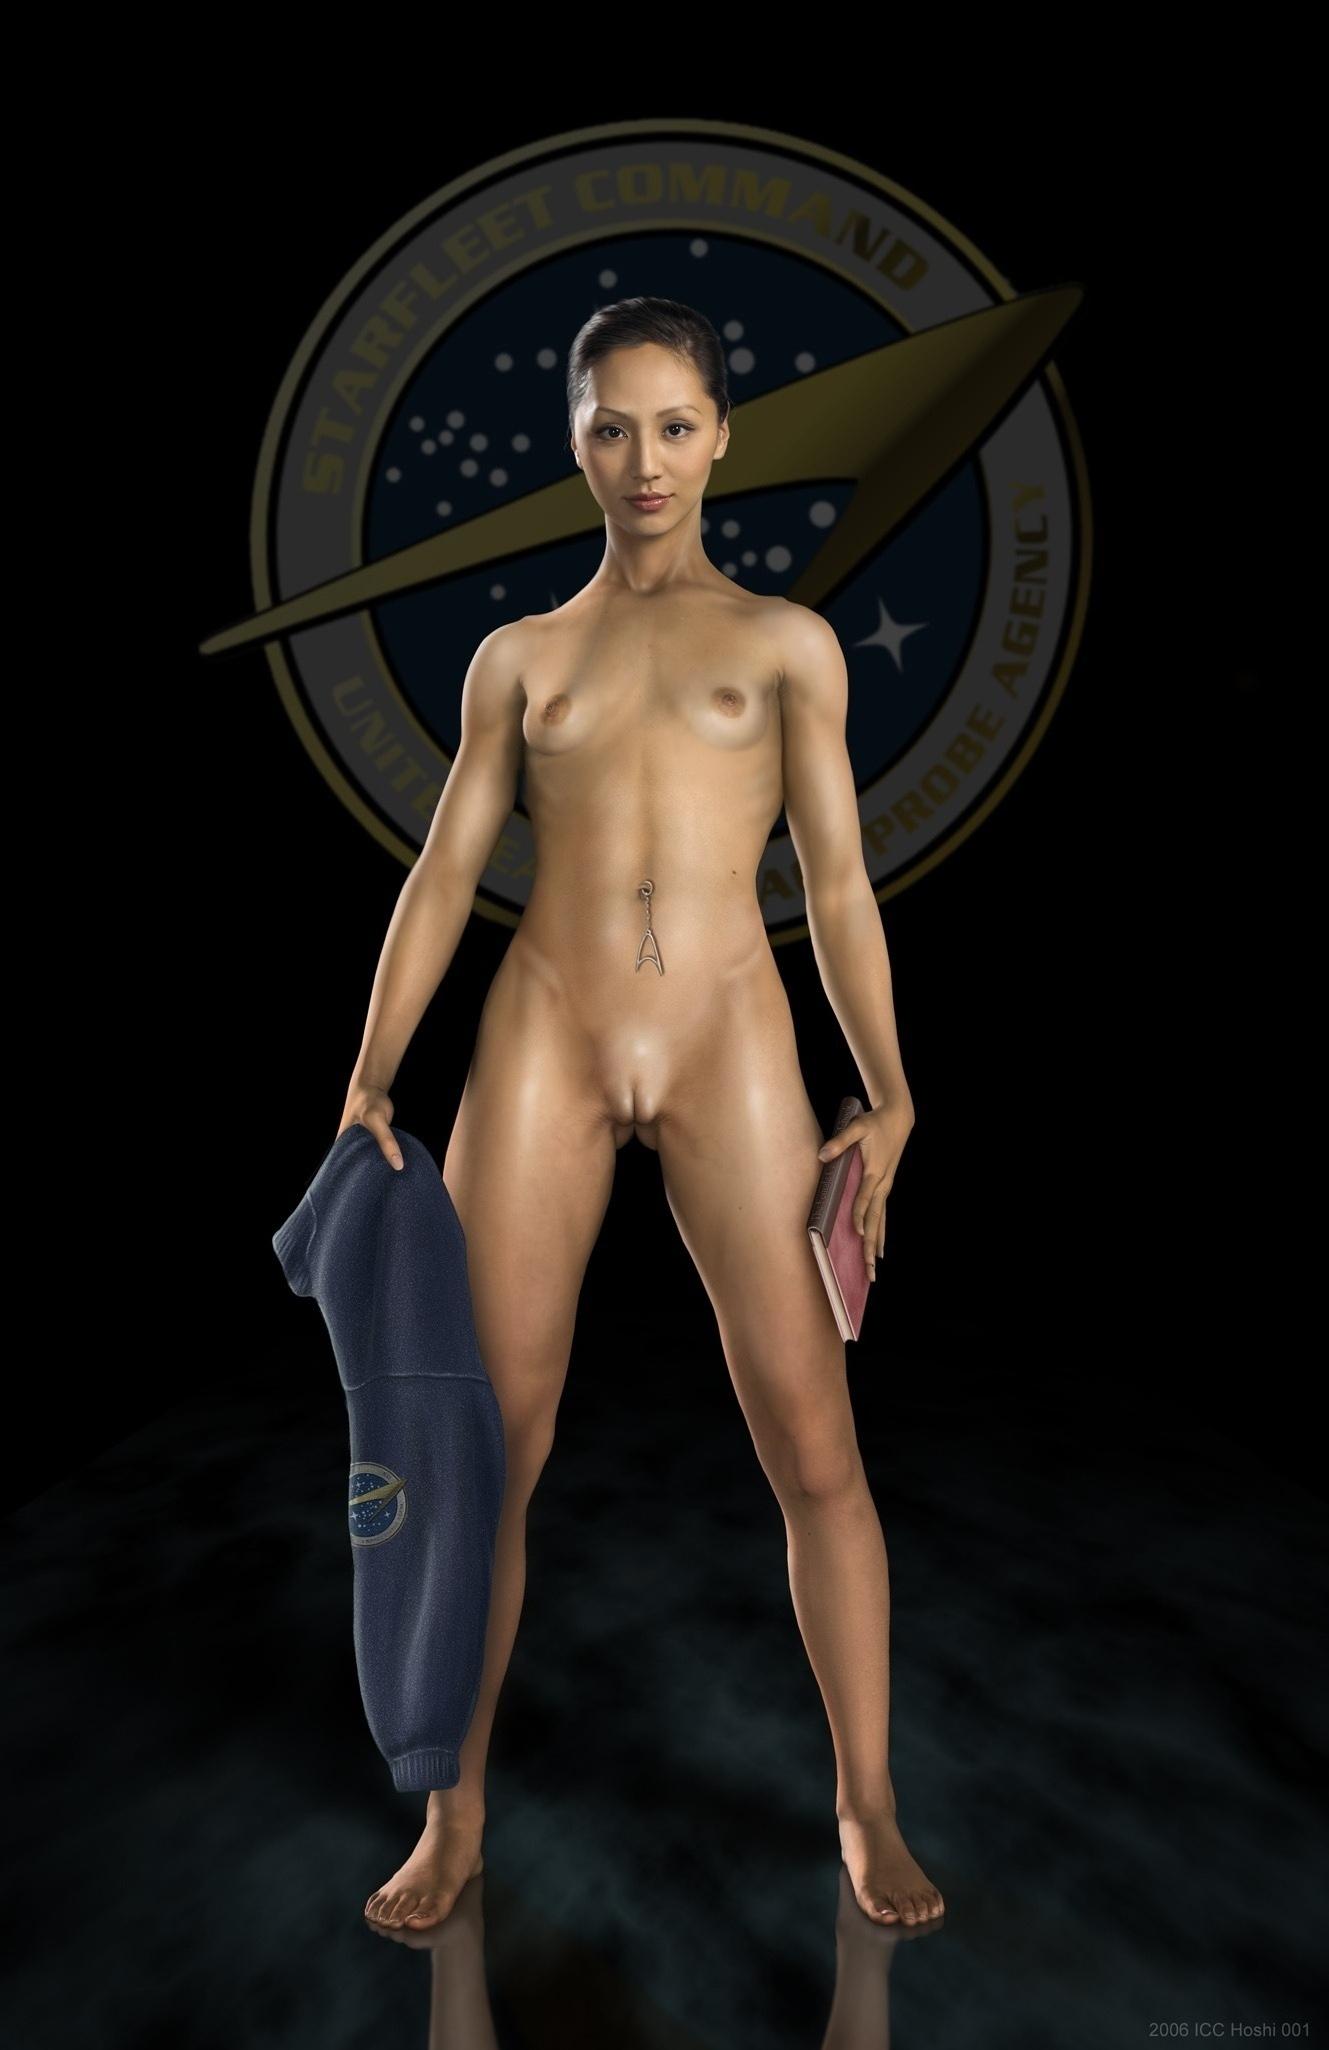 b b guns porno star